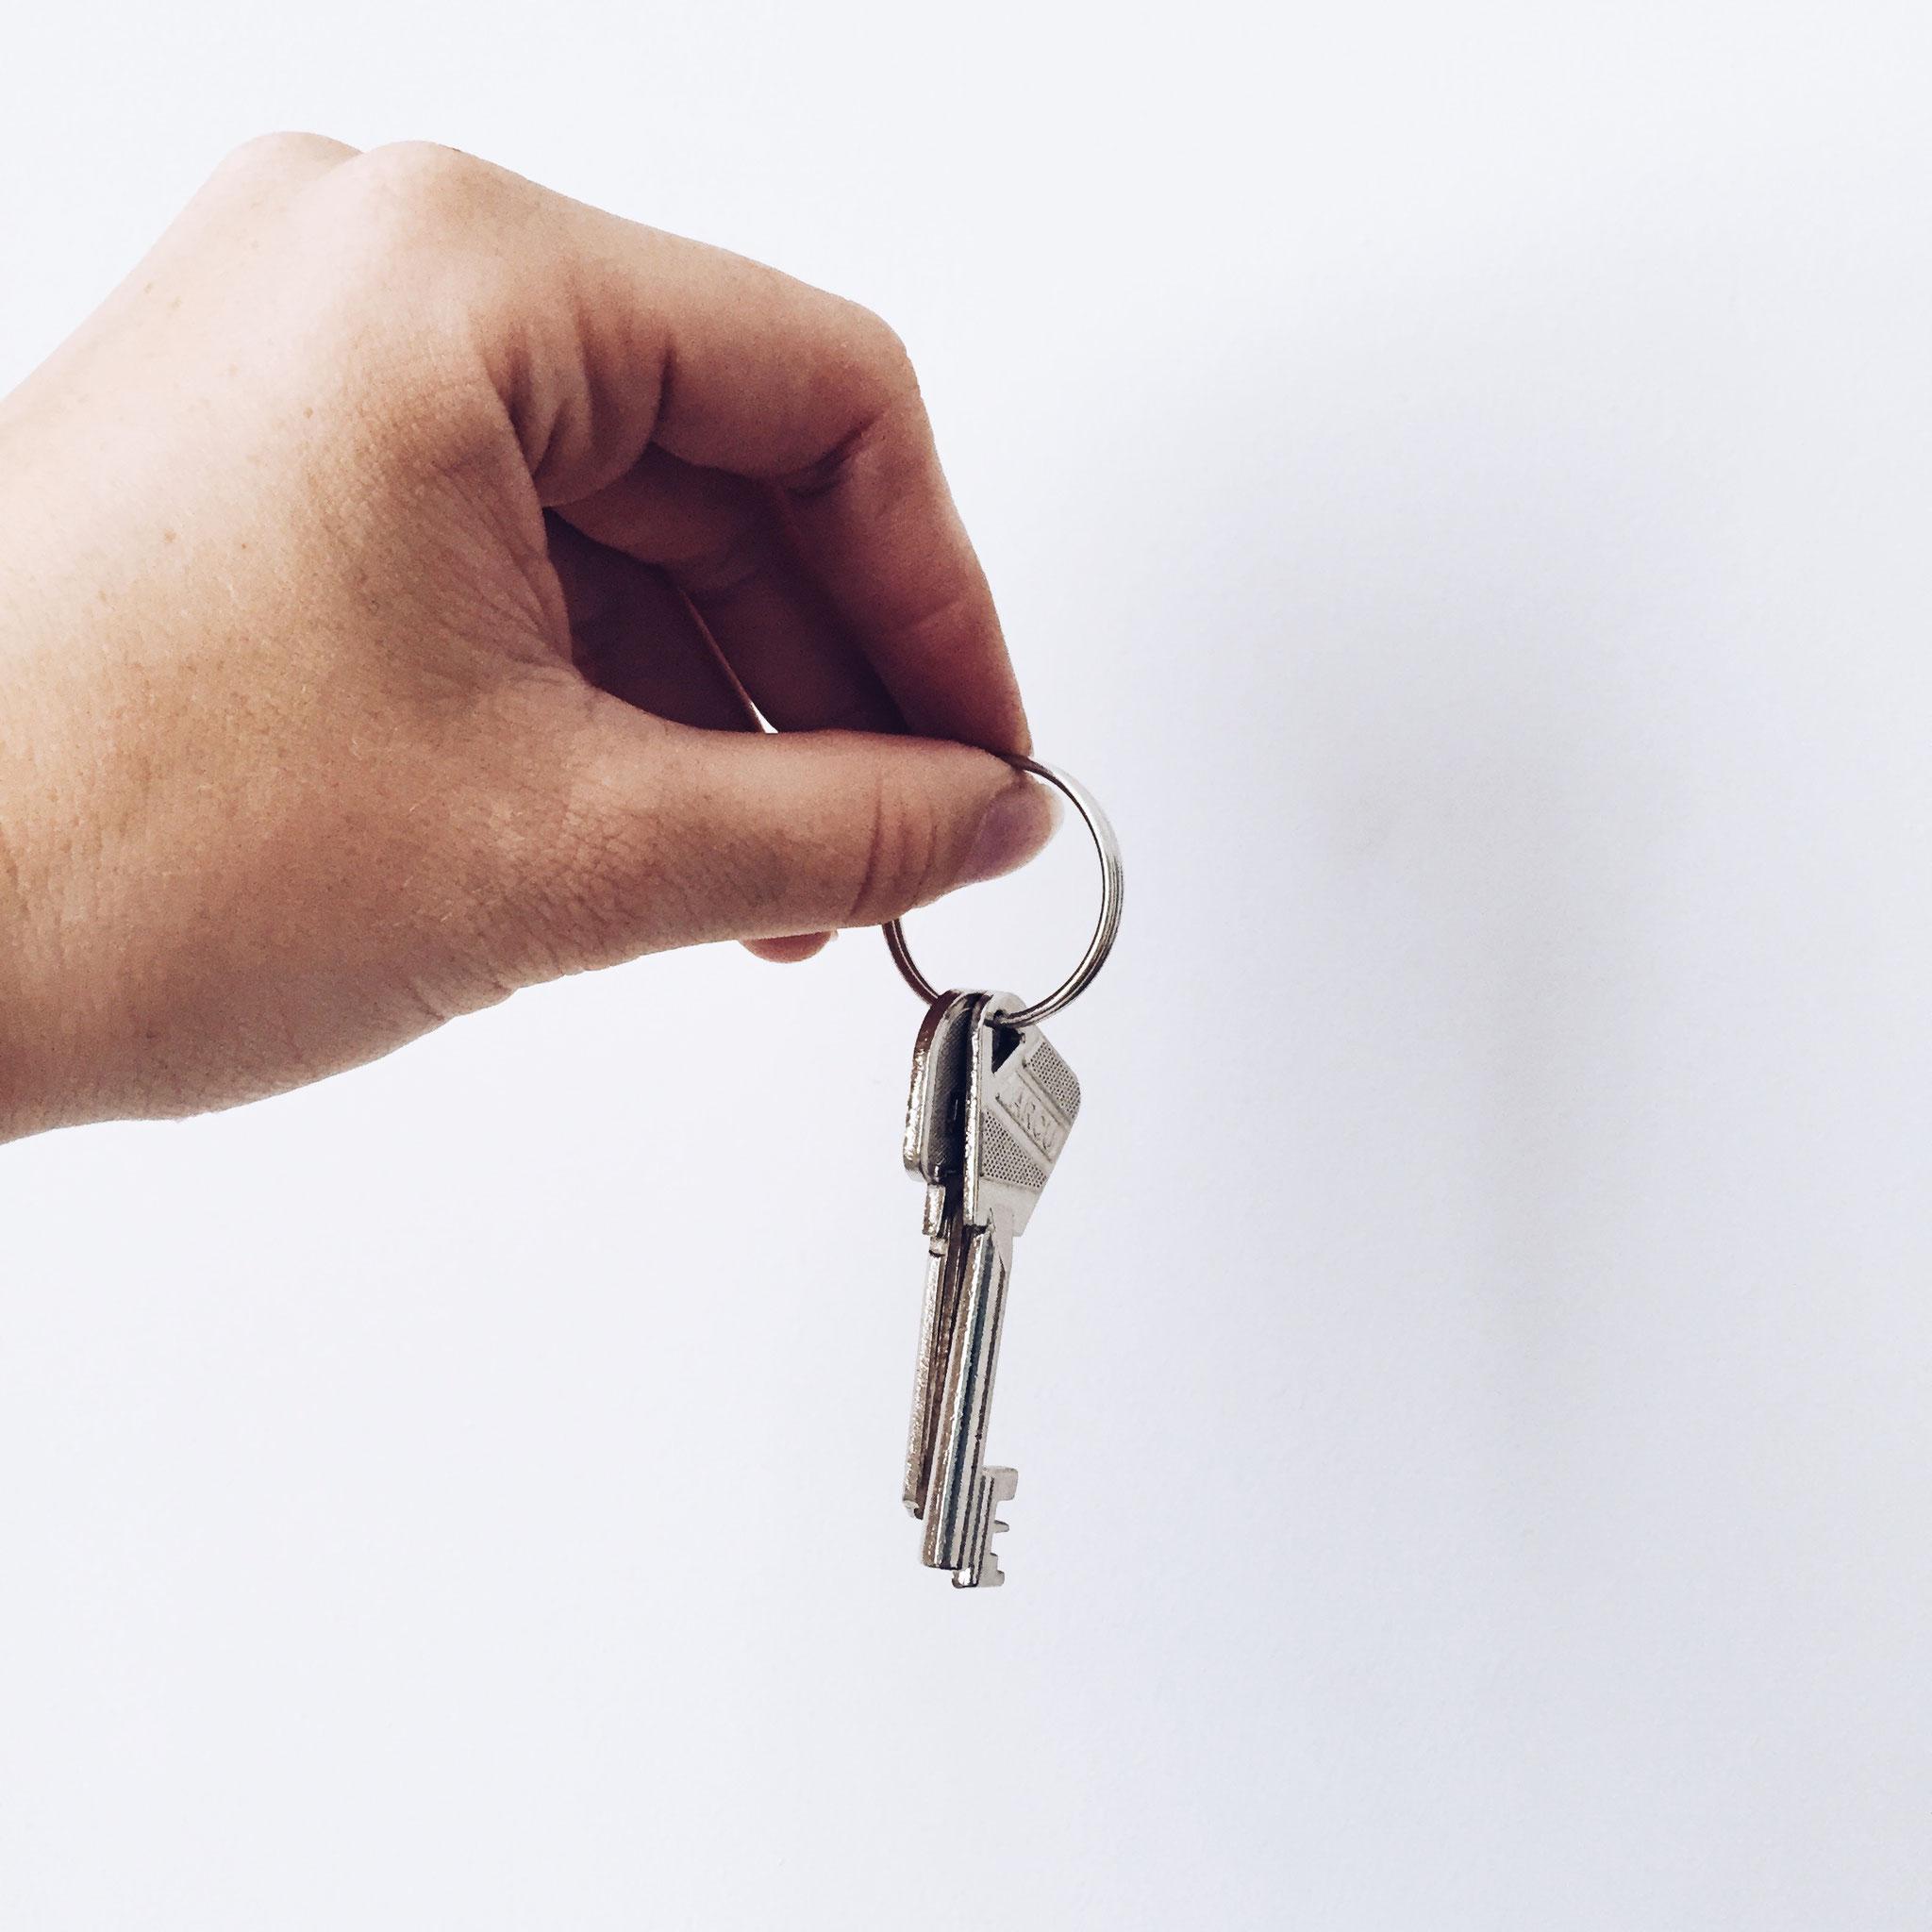 Ontvangst van de sleutels van ons appartementje!